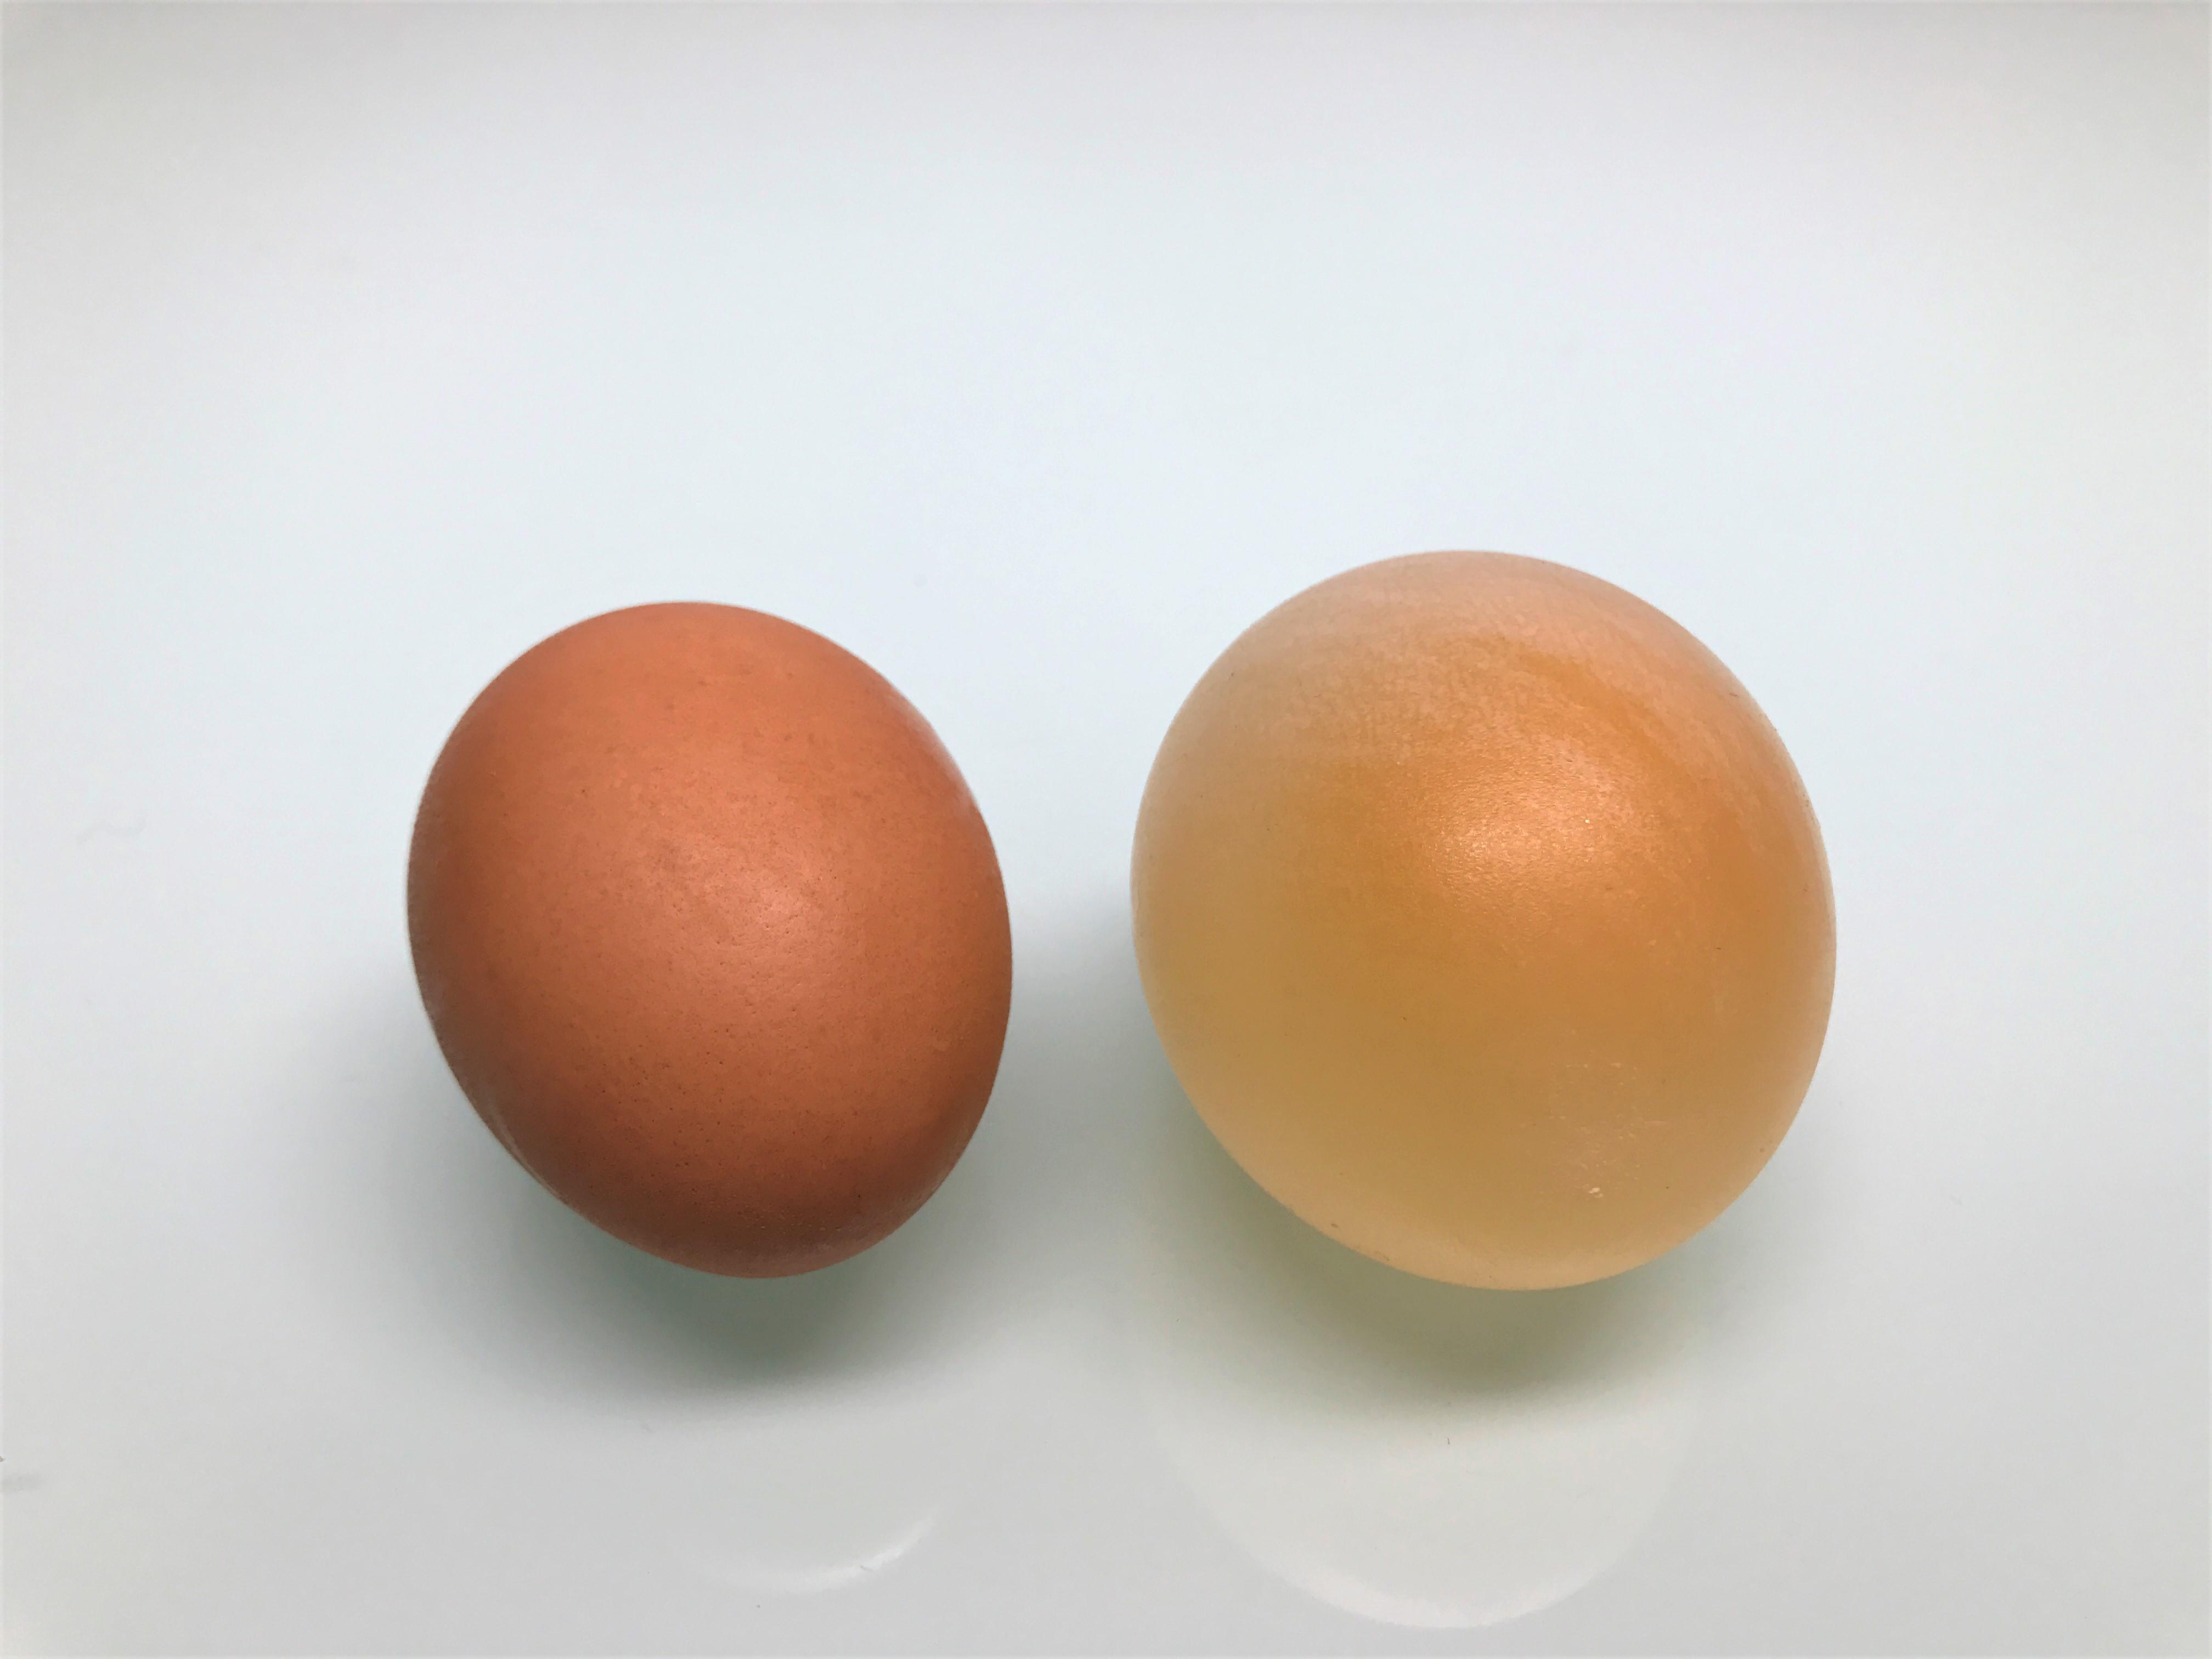 Eggshell in Vinegar Experiment - ScienceWorks